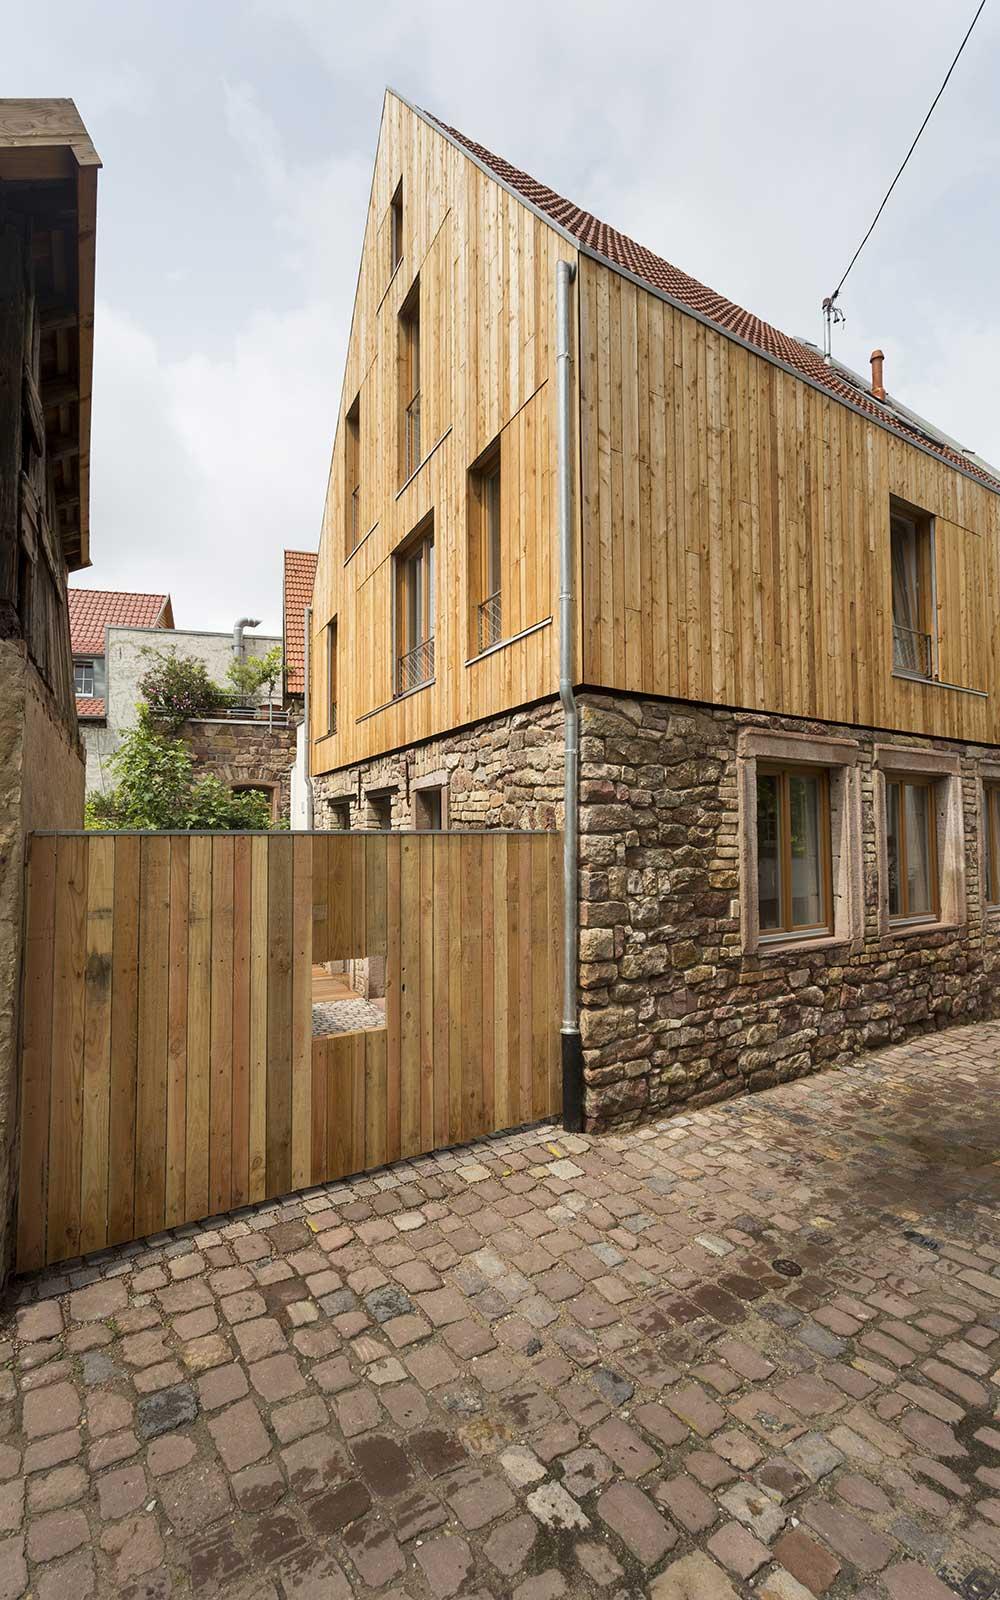 Das Vogelhaus, Heidelberg Rohrbach, Kochhan und Weckbach Architekten Heidelberg